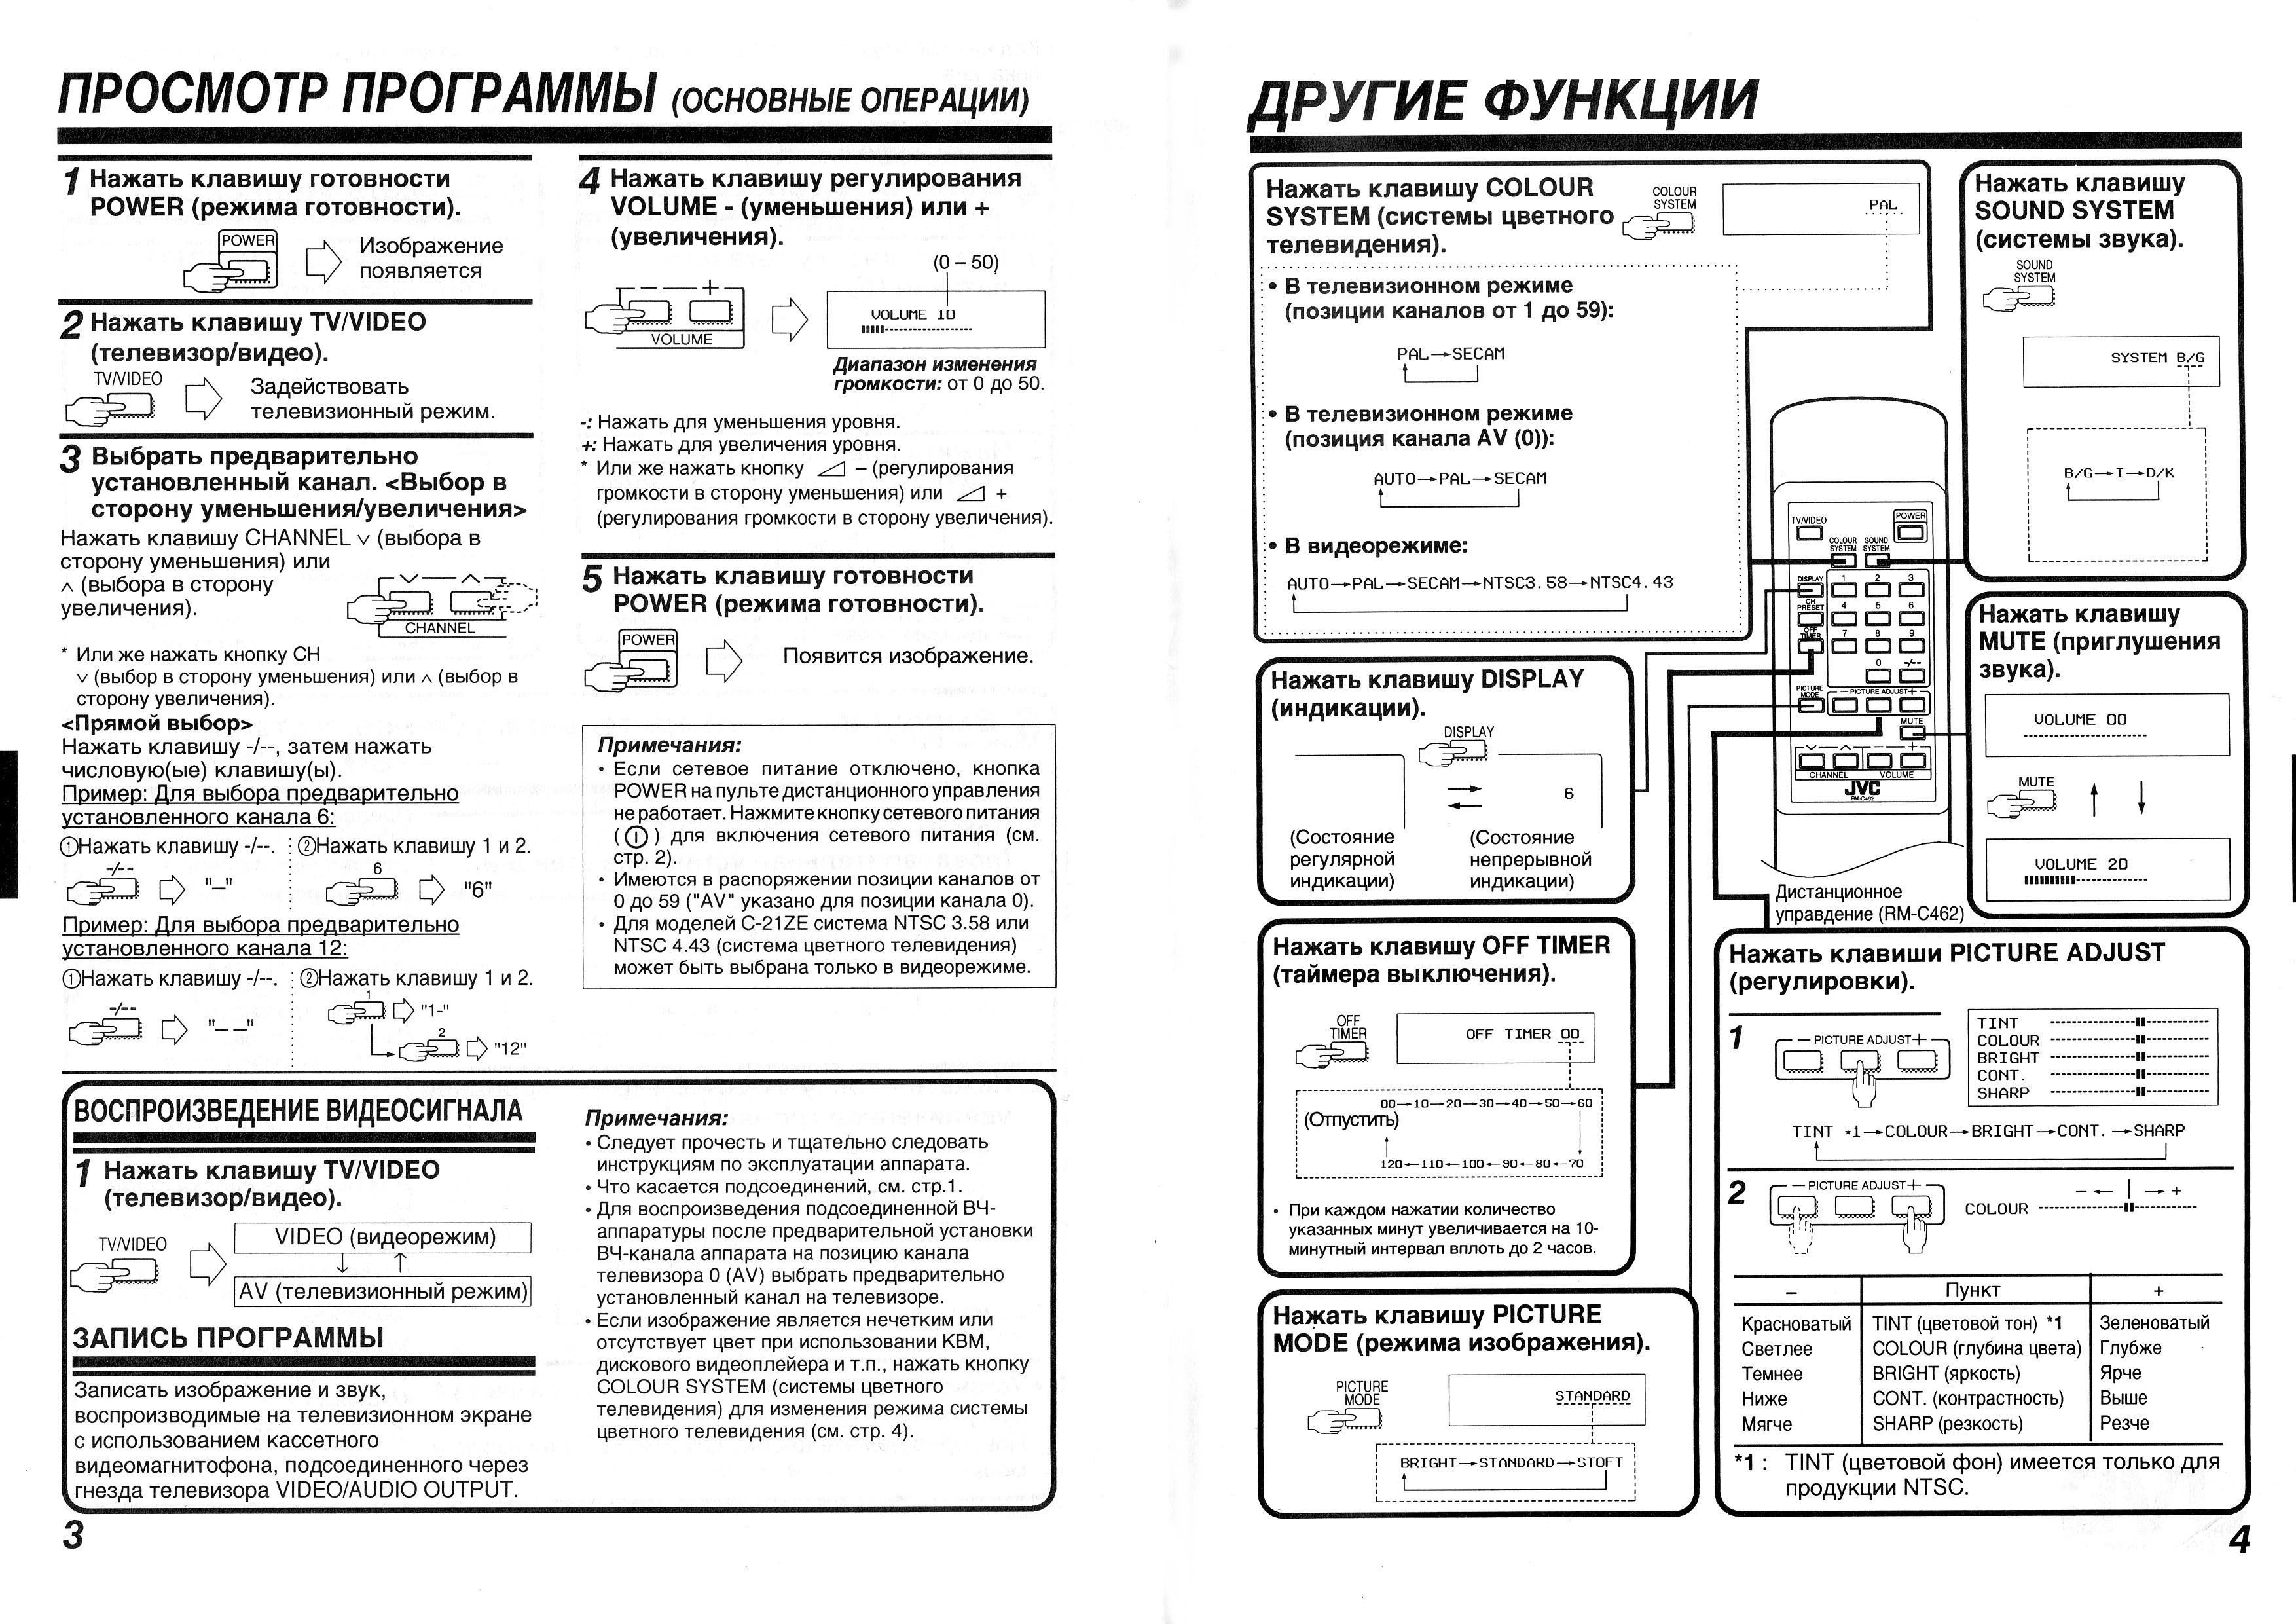 Схема телевизора jvc c 21z.